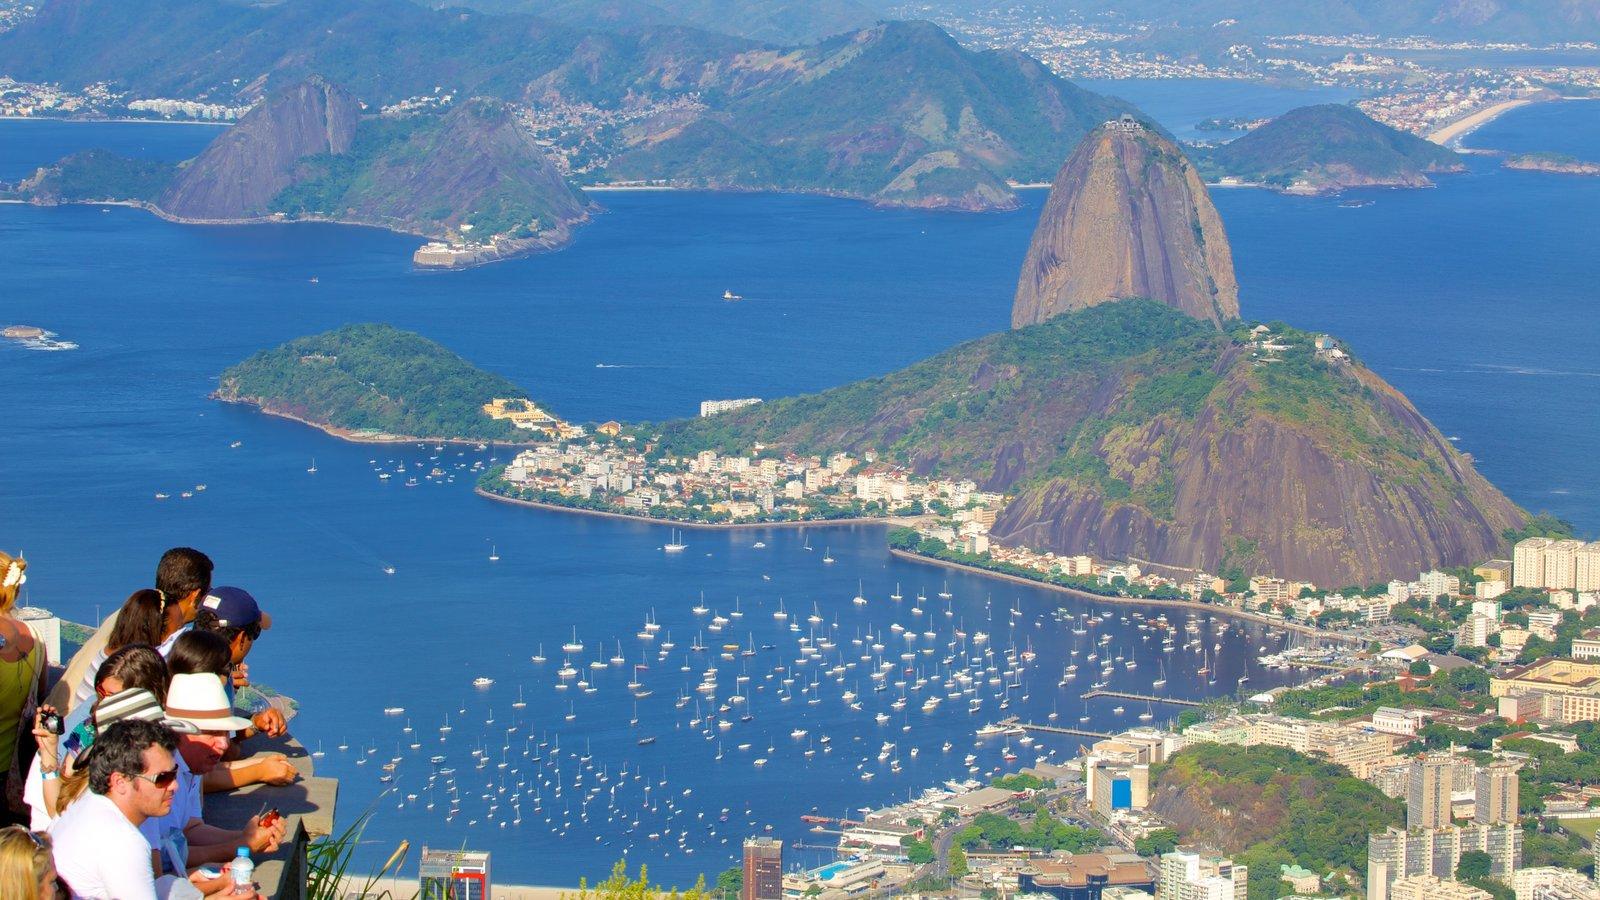 Baía de Guanabara que inclui paisagens litorâneas e uma cidade litorânea